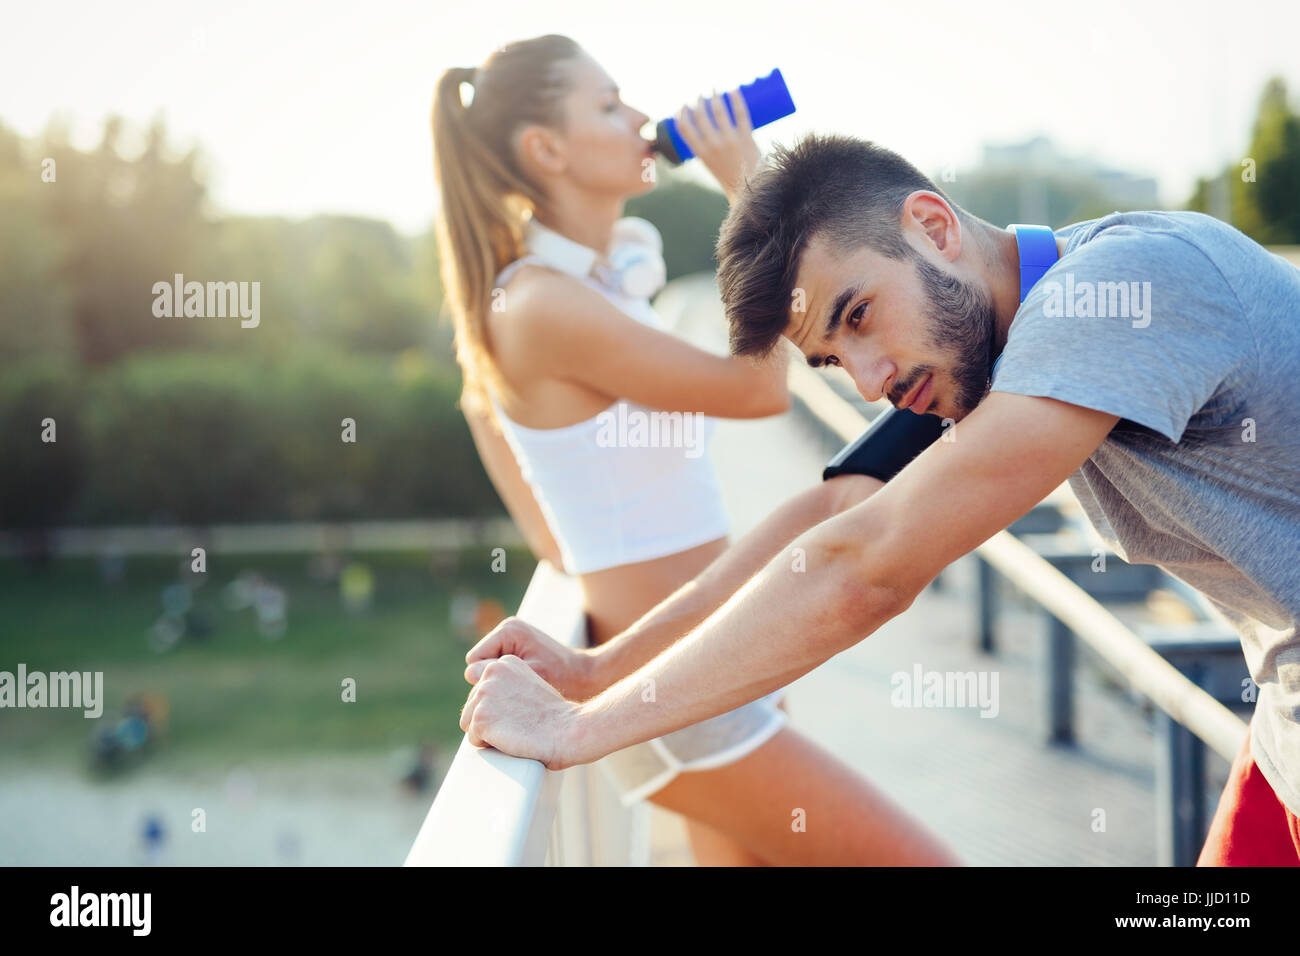 Ritratto di un uomo e di una donna durante la pausa del jogging Immagini Stock